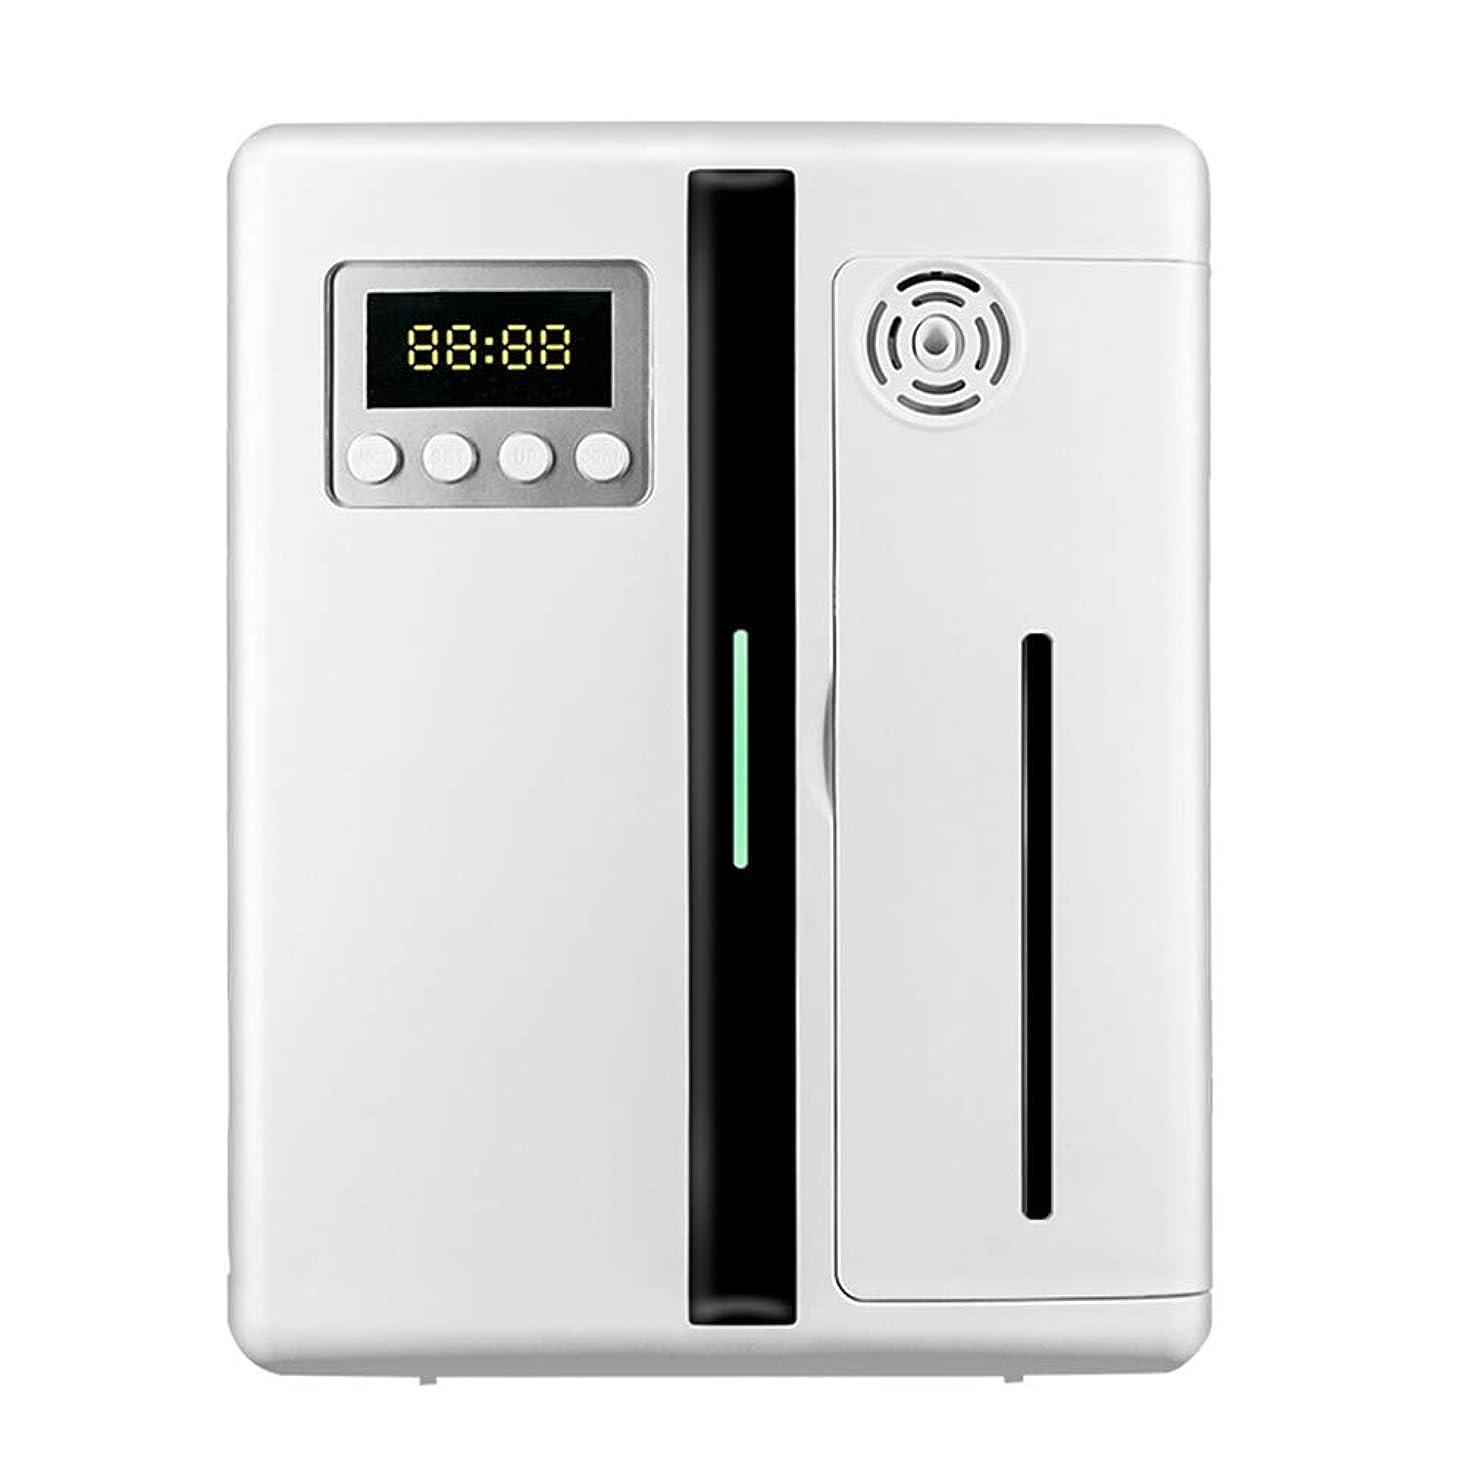 ボーダーキャンペーン前書きRakuby エッセンシャルオイル アロマ ディフューザー 加湿器 アロマ フレグランスマシン 3.3W12V160ml タイマー機能 香りユニットアロマ セラピーディフューザー ホームオフィスホテル